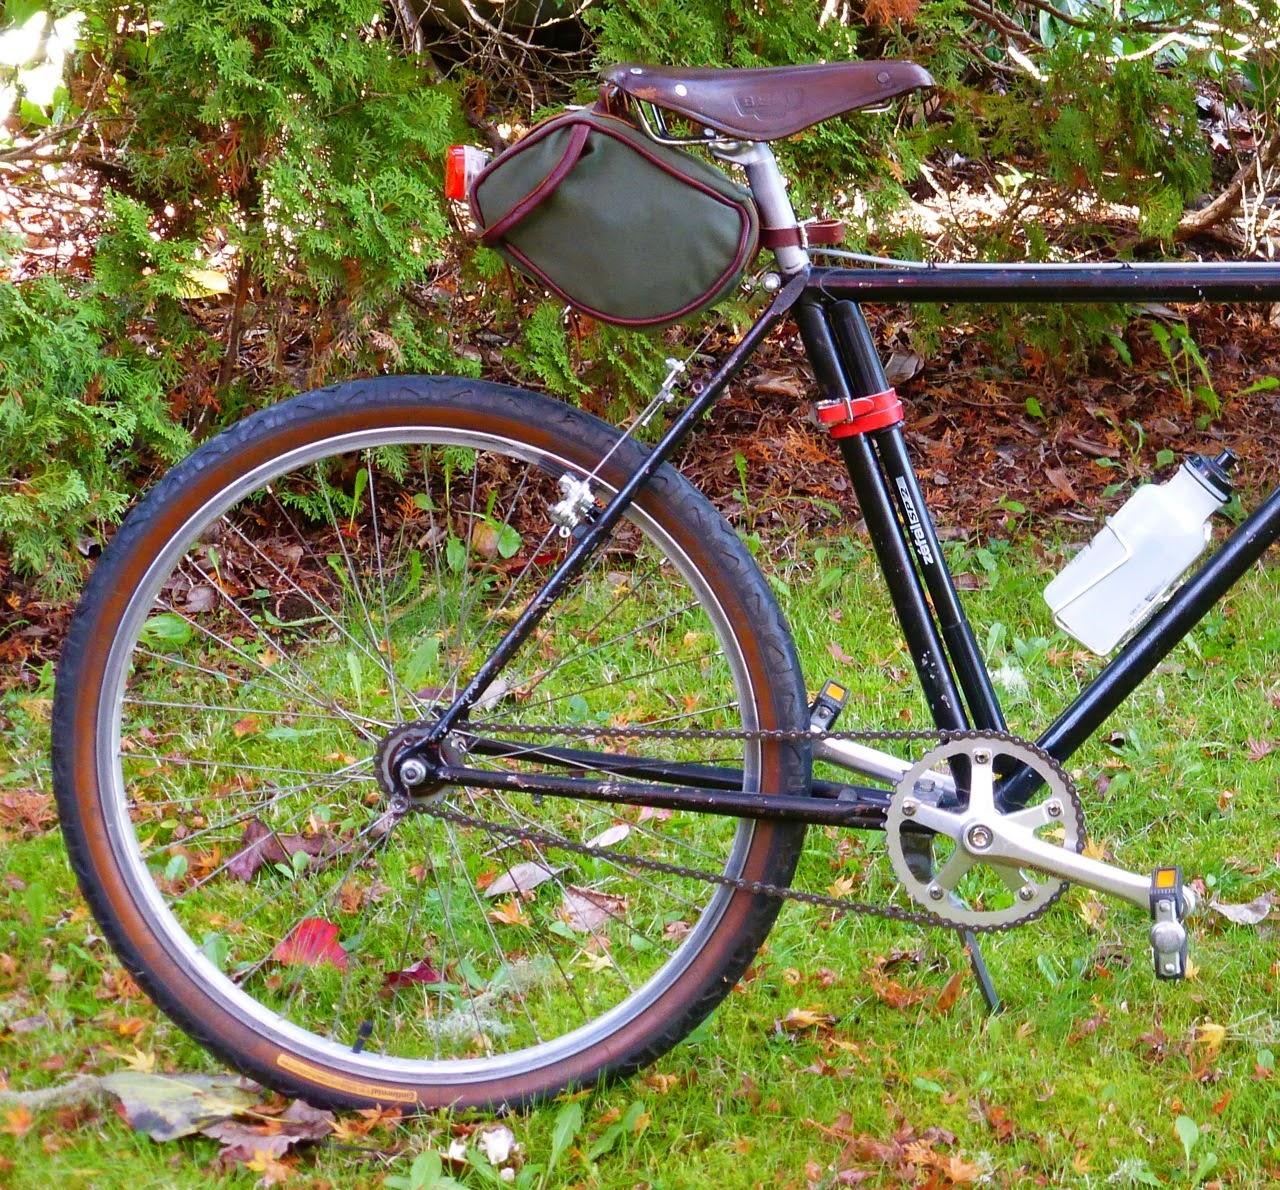 Japanese leather saddle, canvas saddle bag, Eugene, oregon, ugly city bike